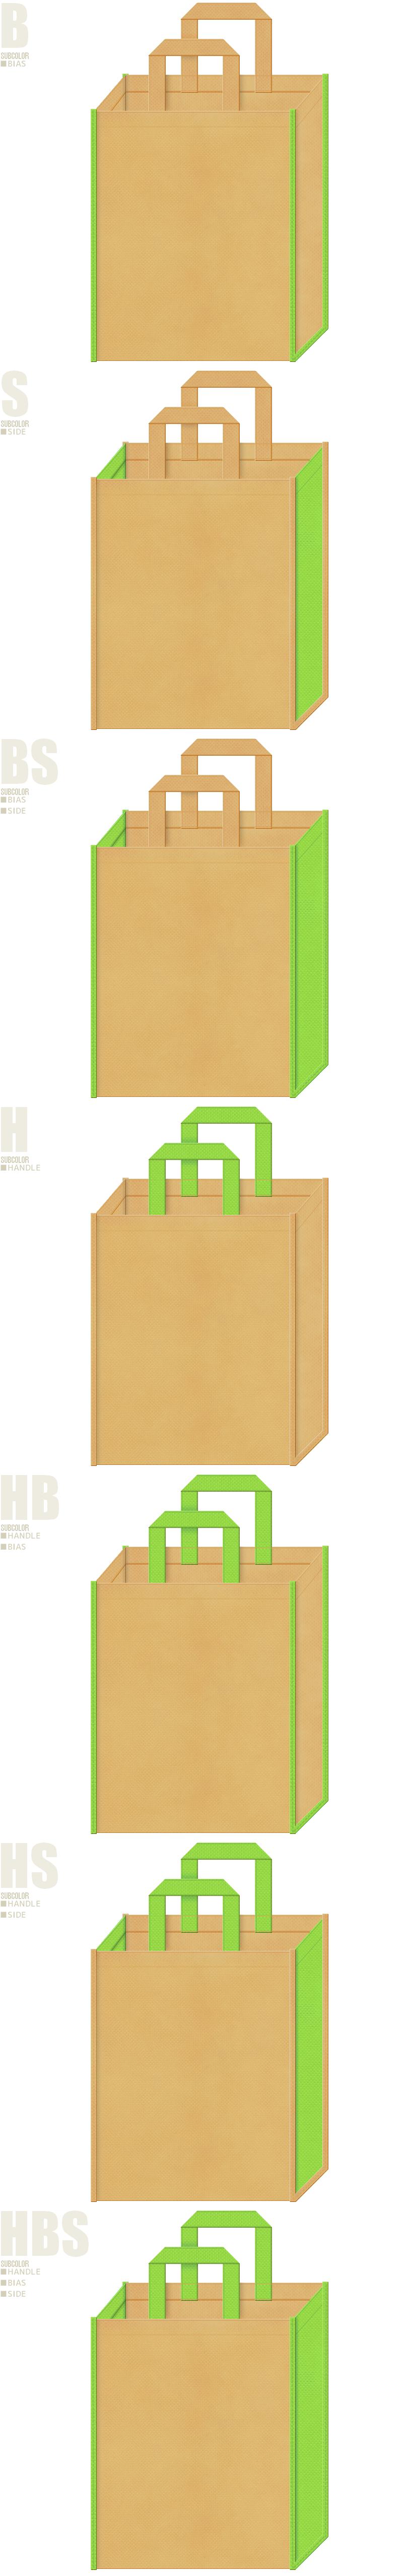 絵本・おとぎ話・木の看板・ロールプレイングゲーム・野菜・産直市場・園芸用品・農業・酪農・干草・牧場・DIYのイベントにお奨めの不織布バッグデザイン:薄黄土色と黄緑色の配色7パターン